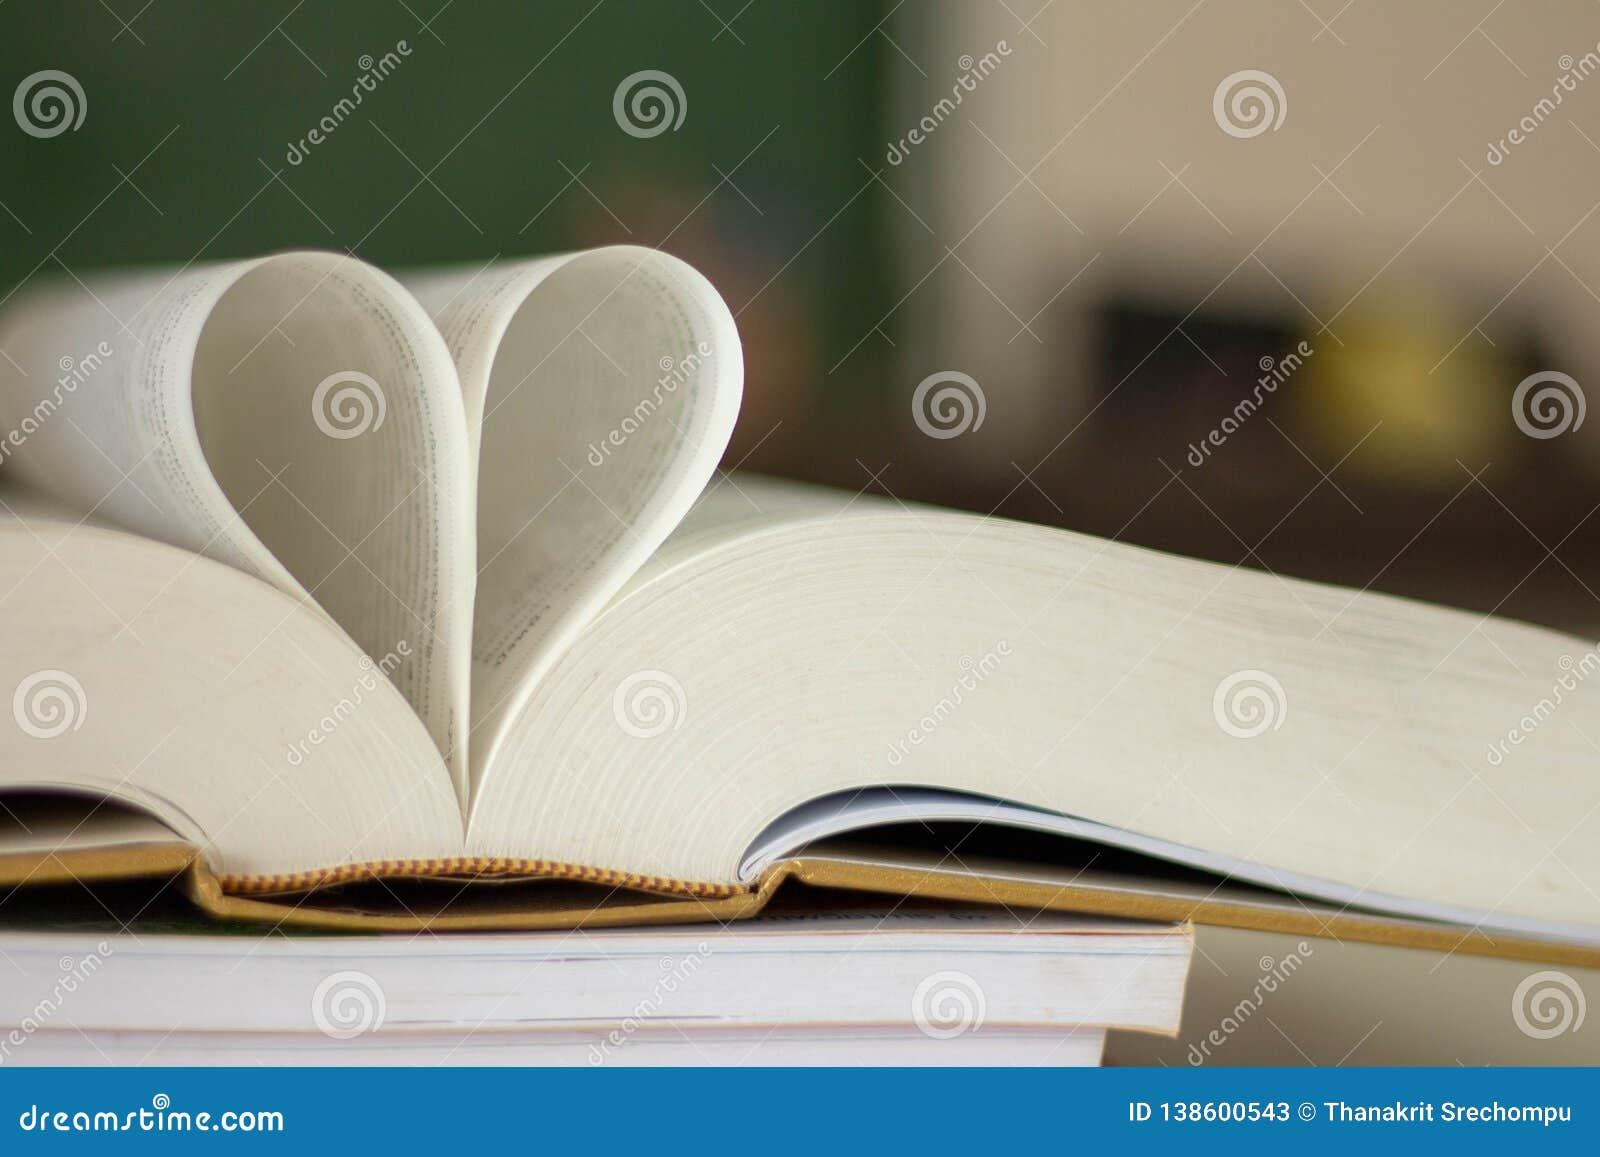 Κλειστή μορφή καρδιών από το βιβλίο